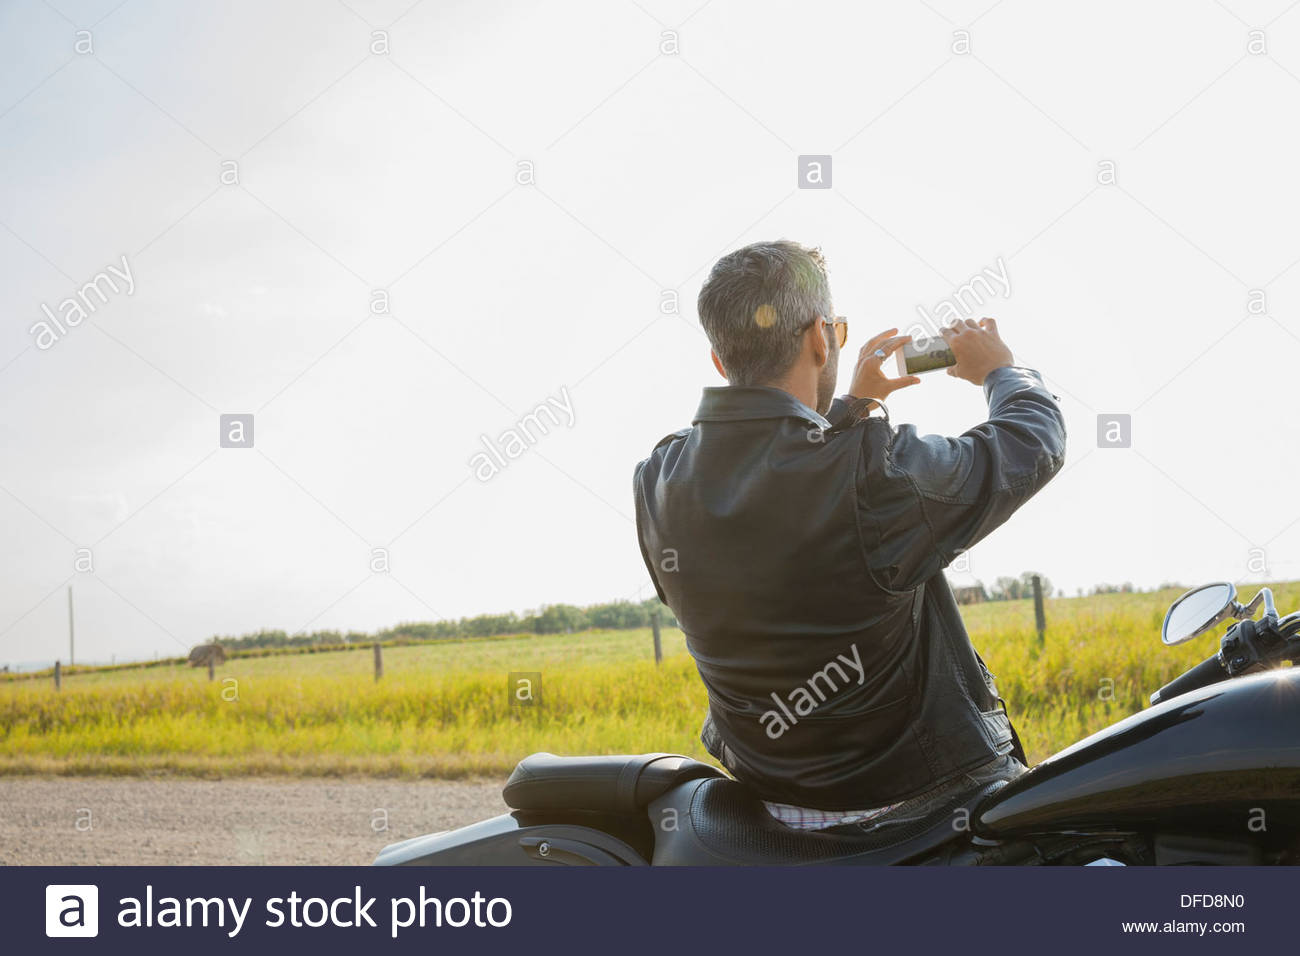 Rückansicht des Biker fotografieren Feld während Fahrt Stockbild